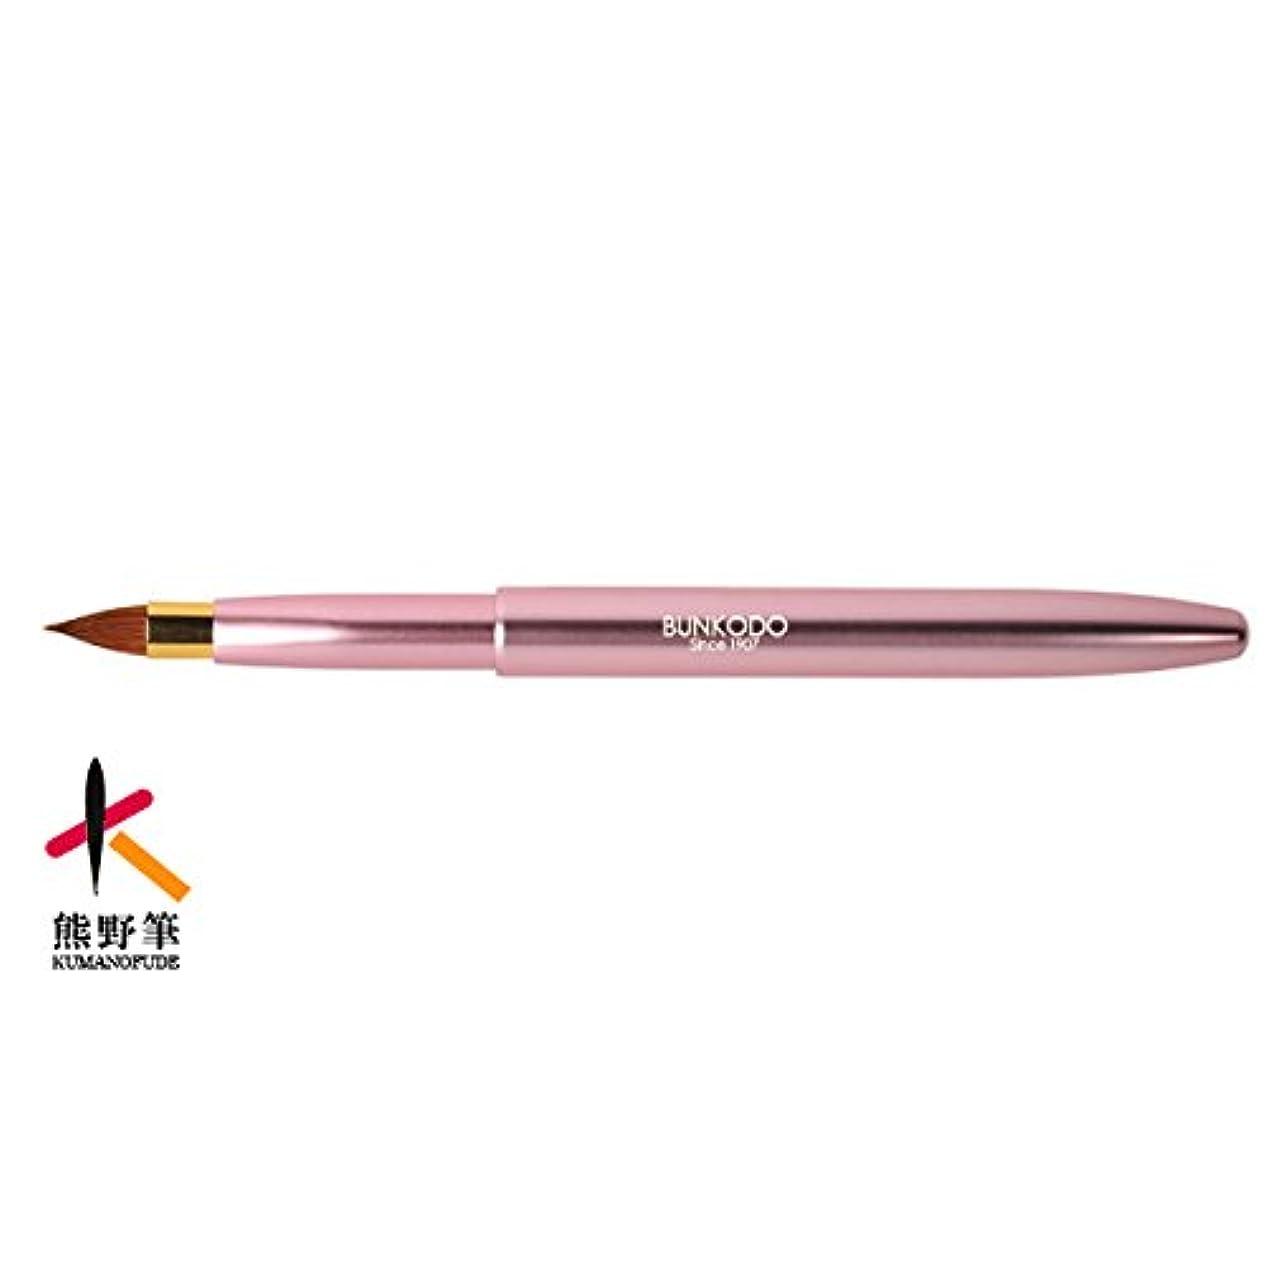 褐色恥ずかしいコンパクト明治四十年創業 文宏堂 熊野化粧筆 携帯用リップブラシ ピンク MB012 最高級コリンスキー毛100% 使用 名入れ可能